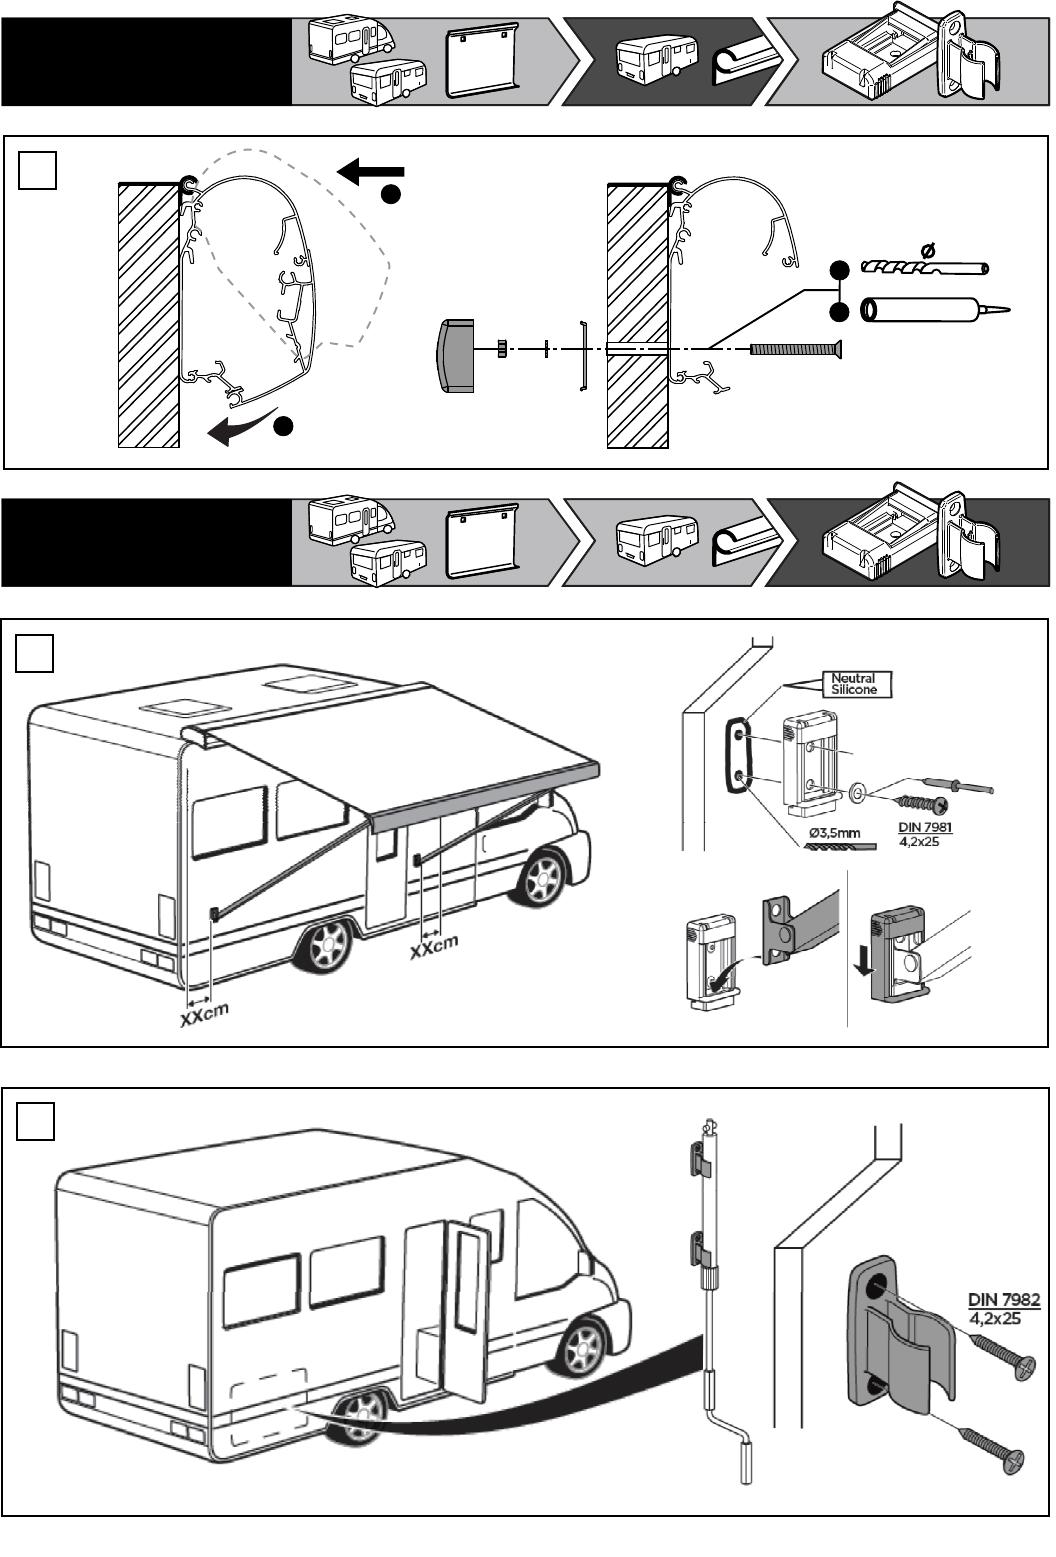 bedienungsanleitung thule omnistor 5200 seite 5 von 16. Black Bedroom Furniture Sets. Home Design Ideas